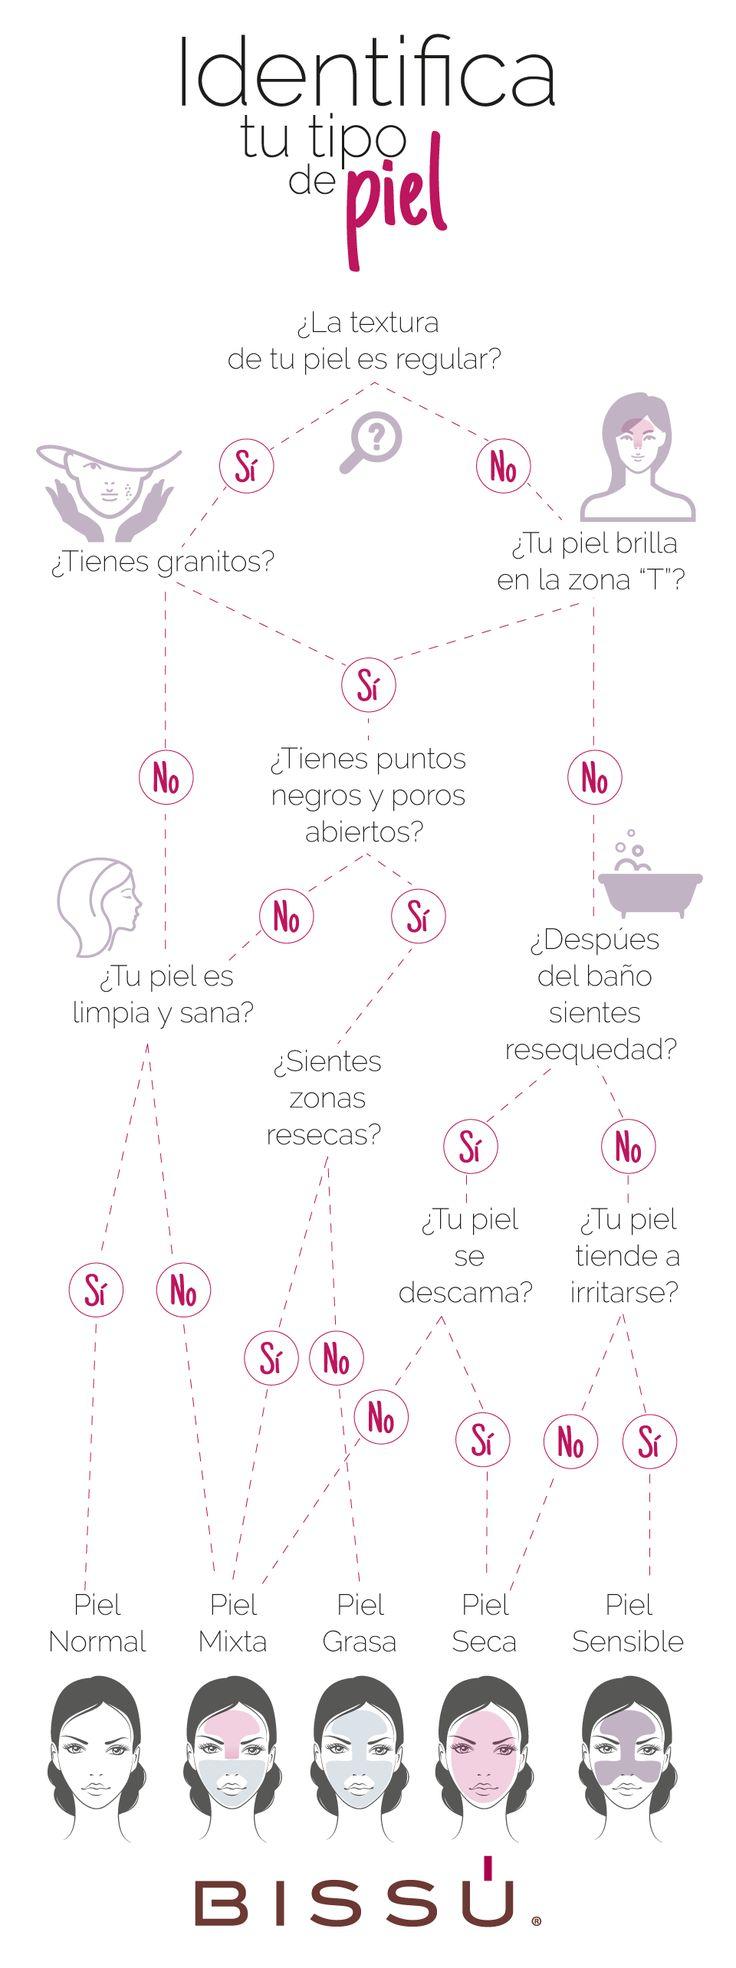 Con la ayuda de este diagrama conoce tu tipo de piel. http://tiendaweb.bissu.com/